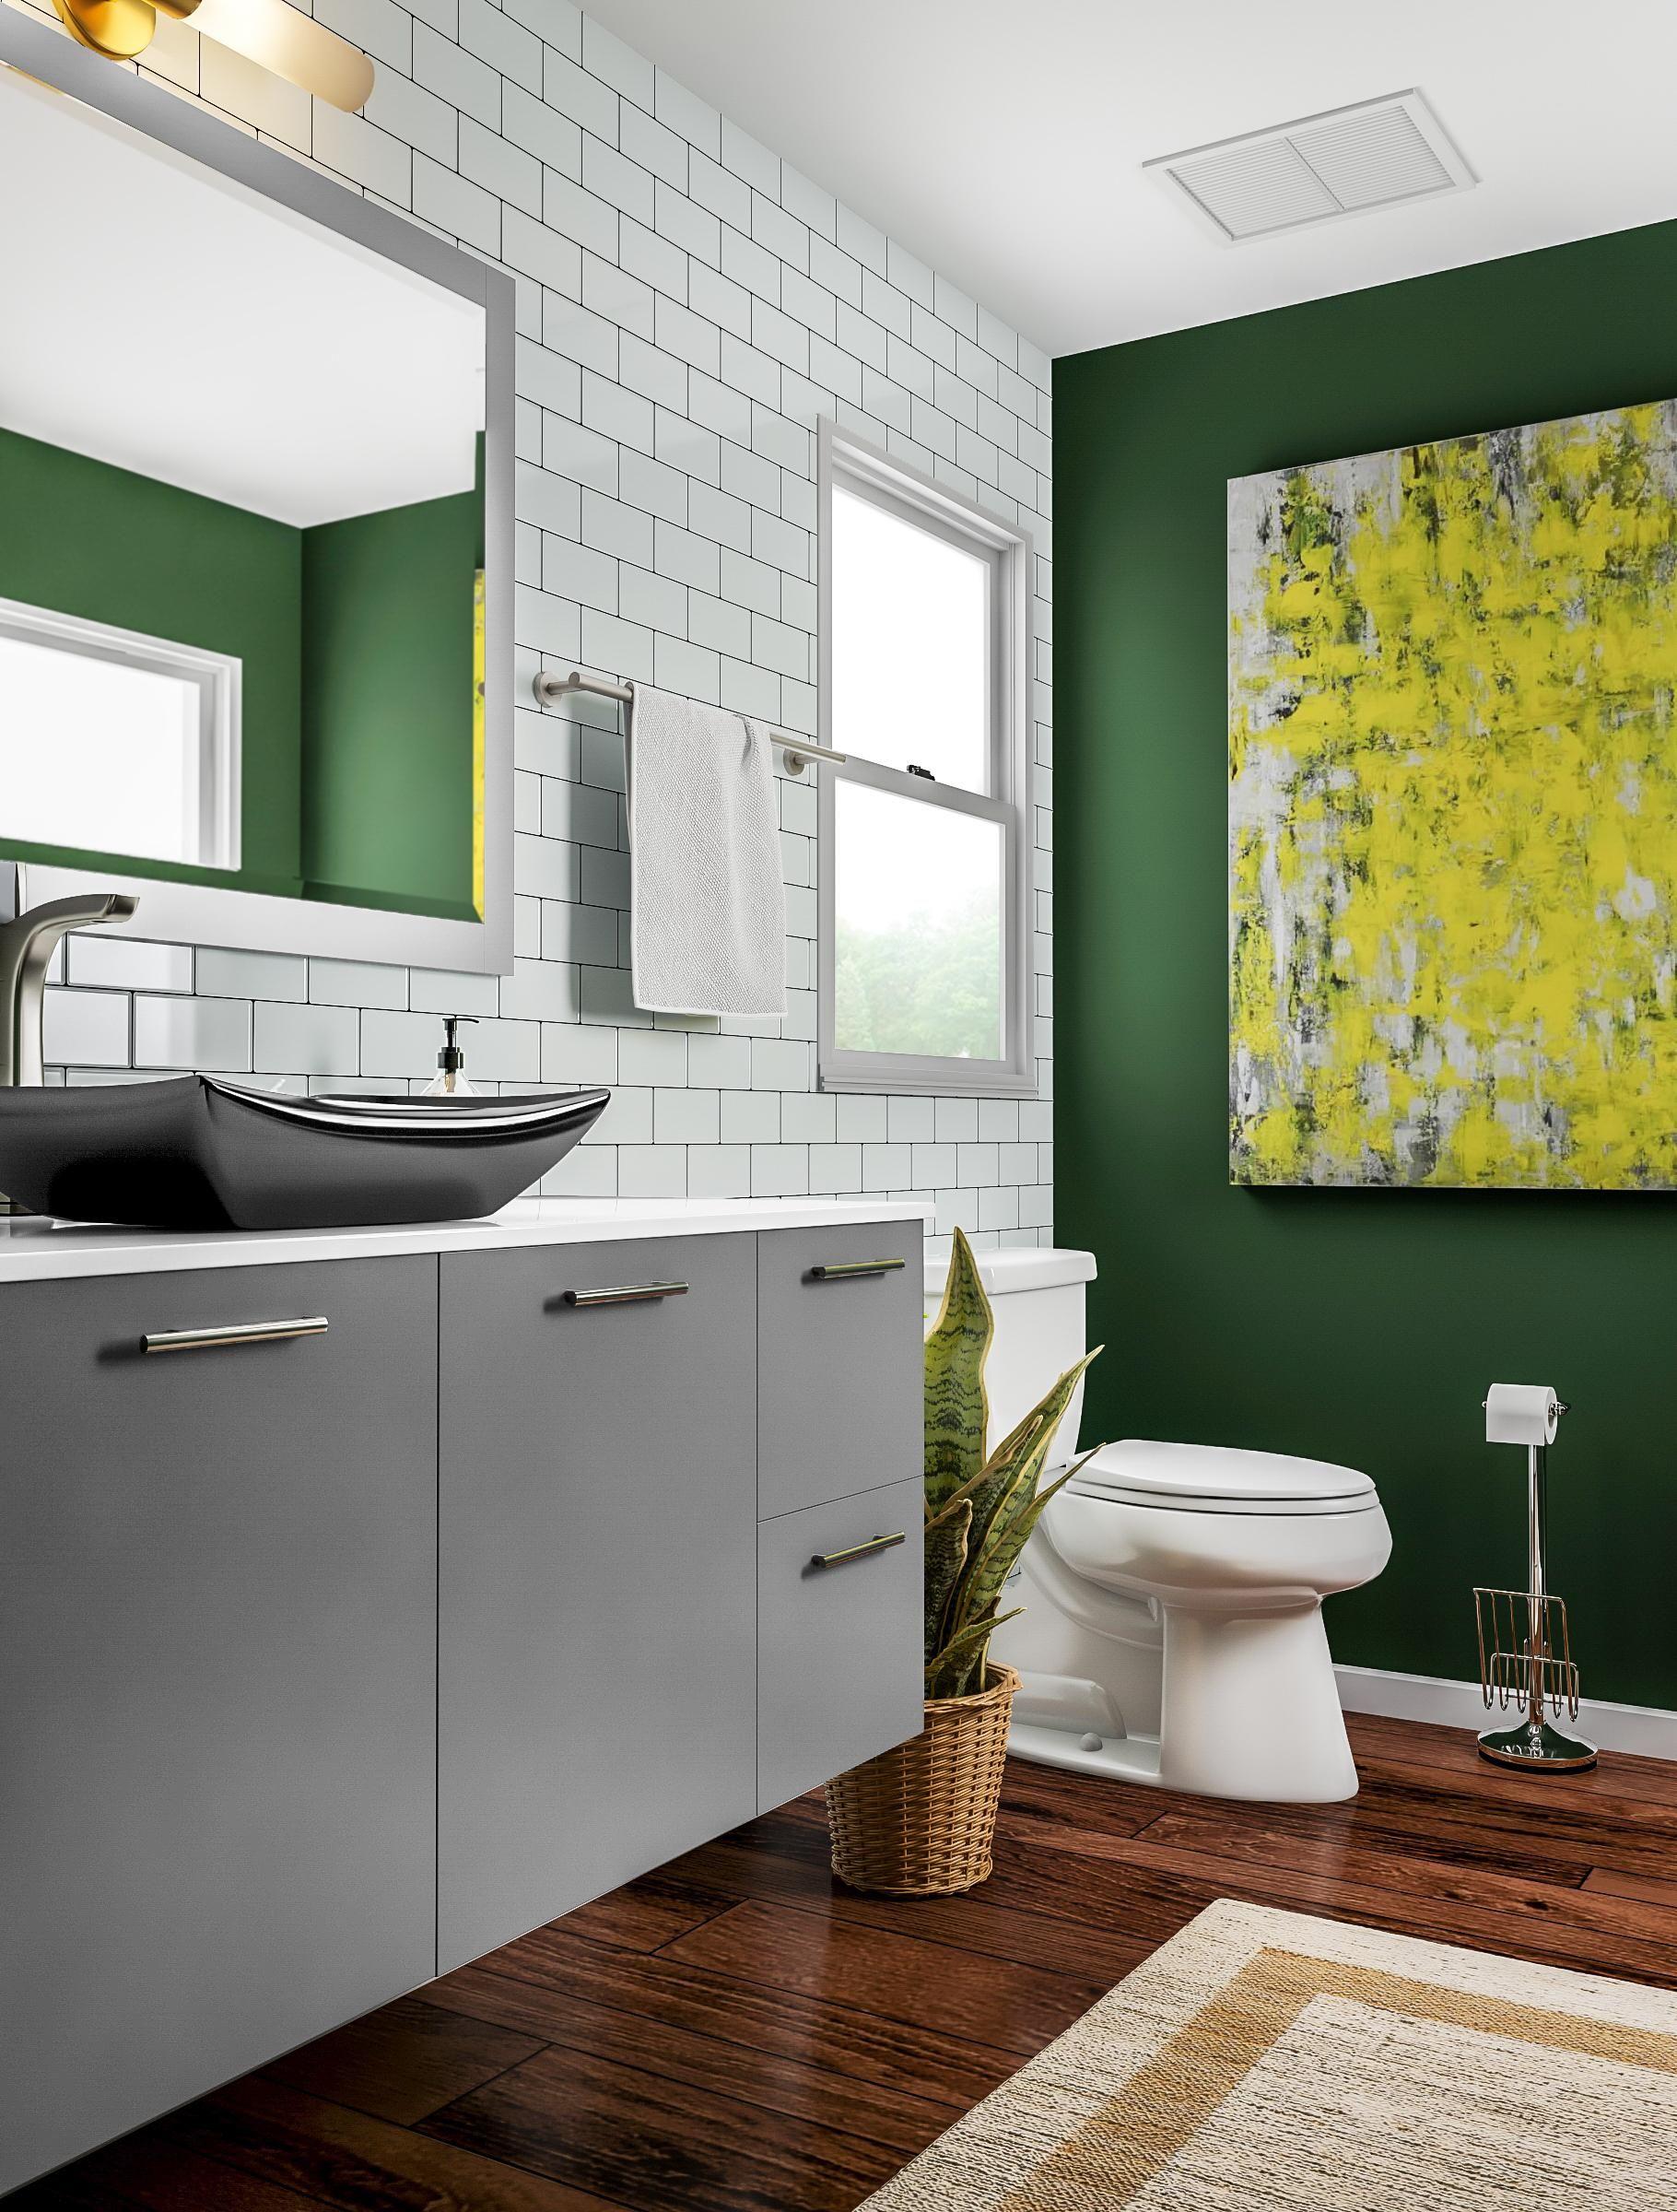 Metropolitan Green Bathroom Green Bathroom Colors Green Bathroom Trendy Bathroom Tiles